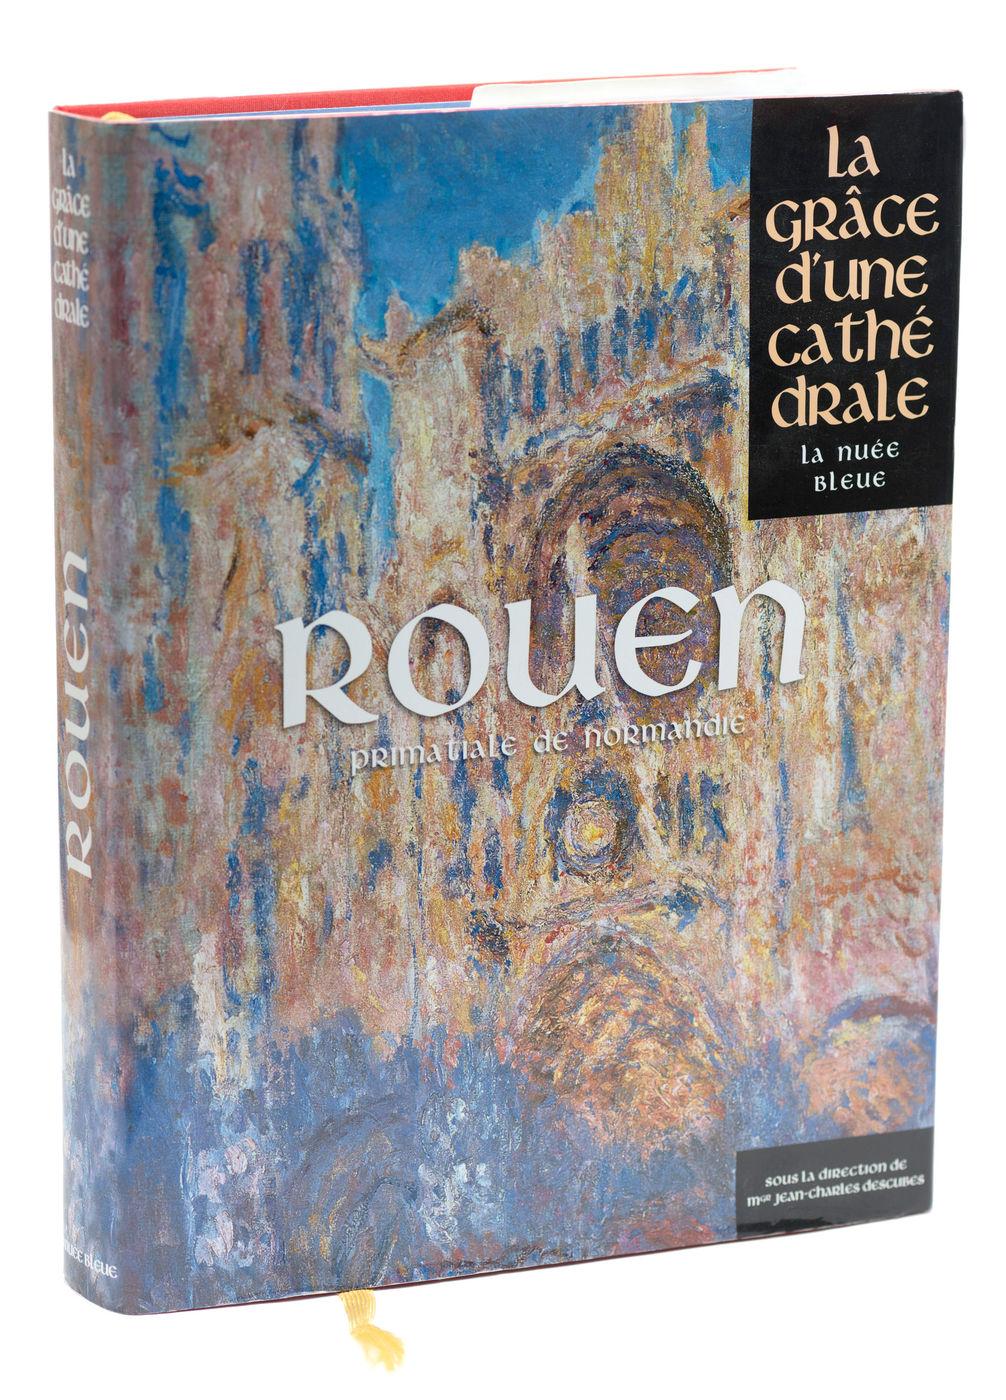 Rouen, la grâce d'une cathédrale. Editions La Nuée Bleue, 2012